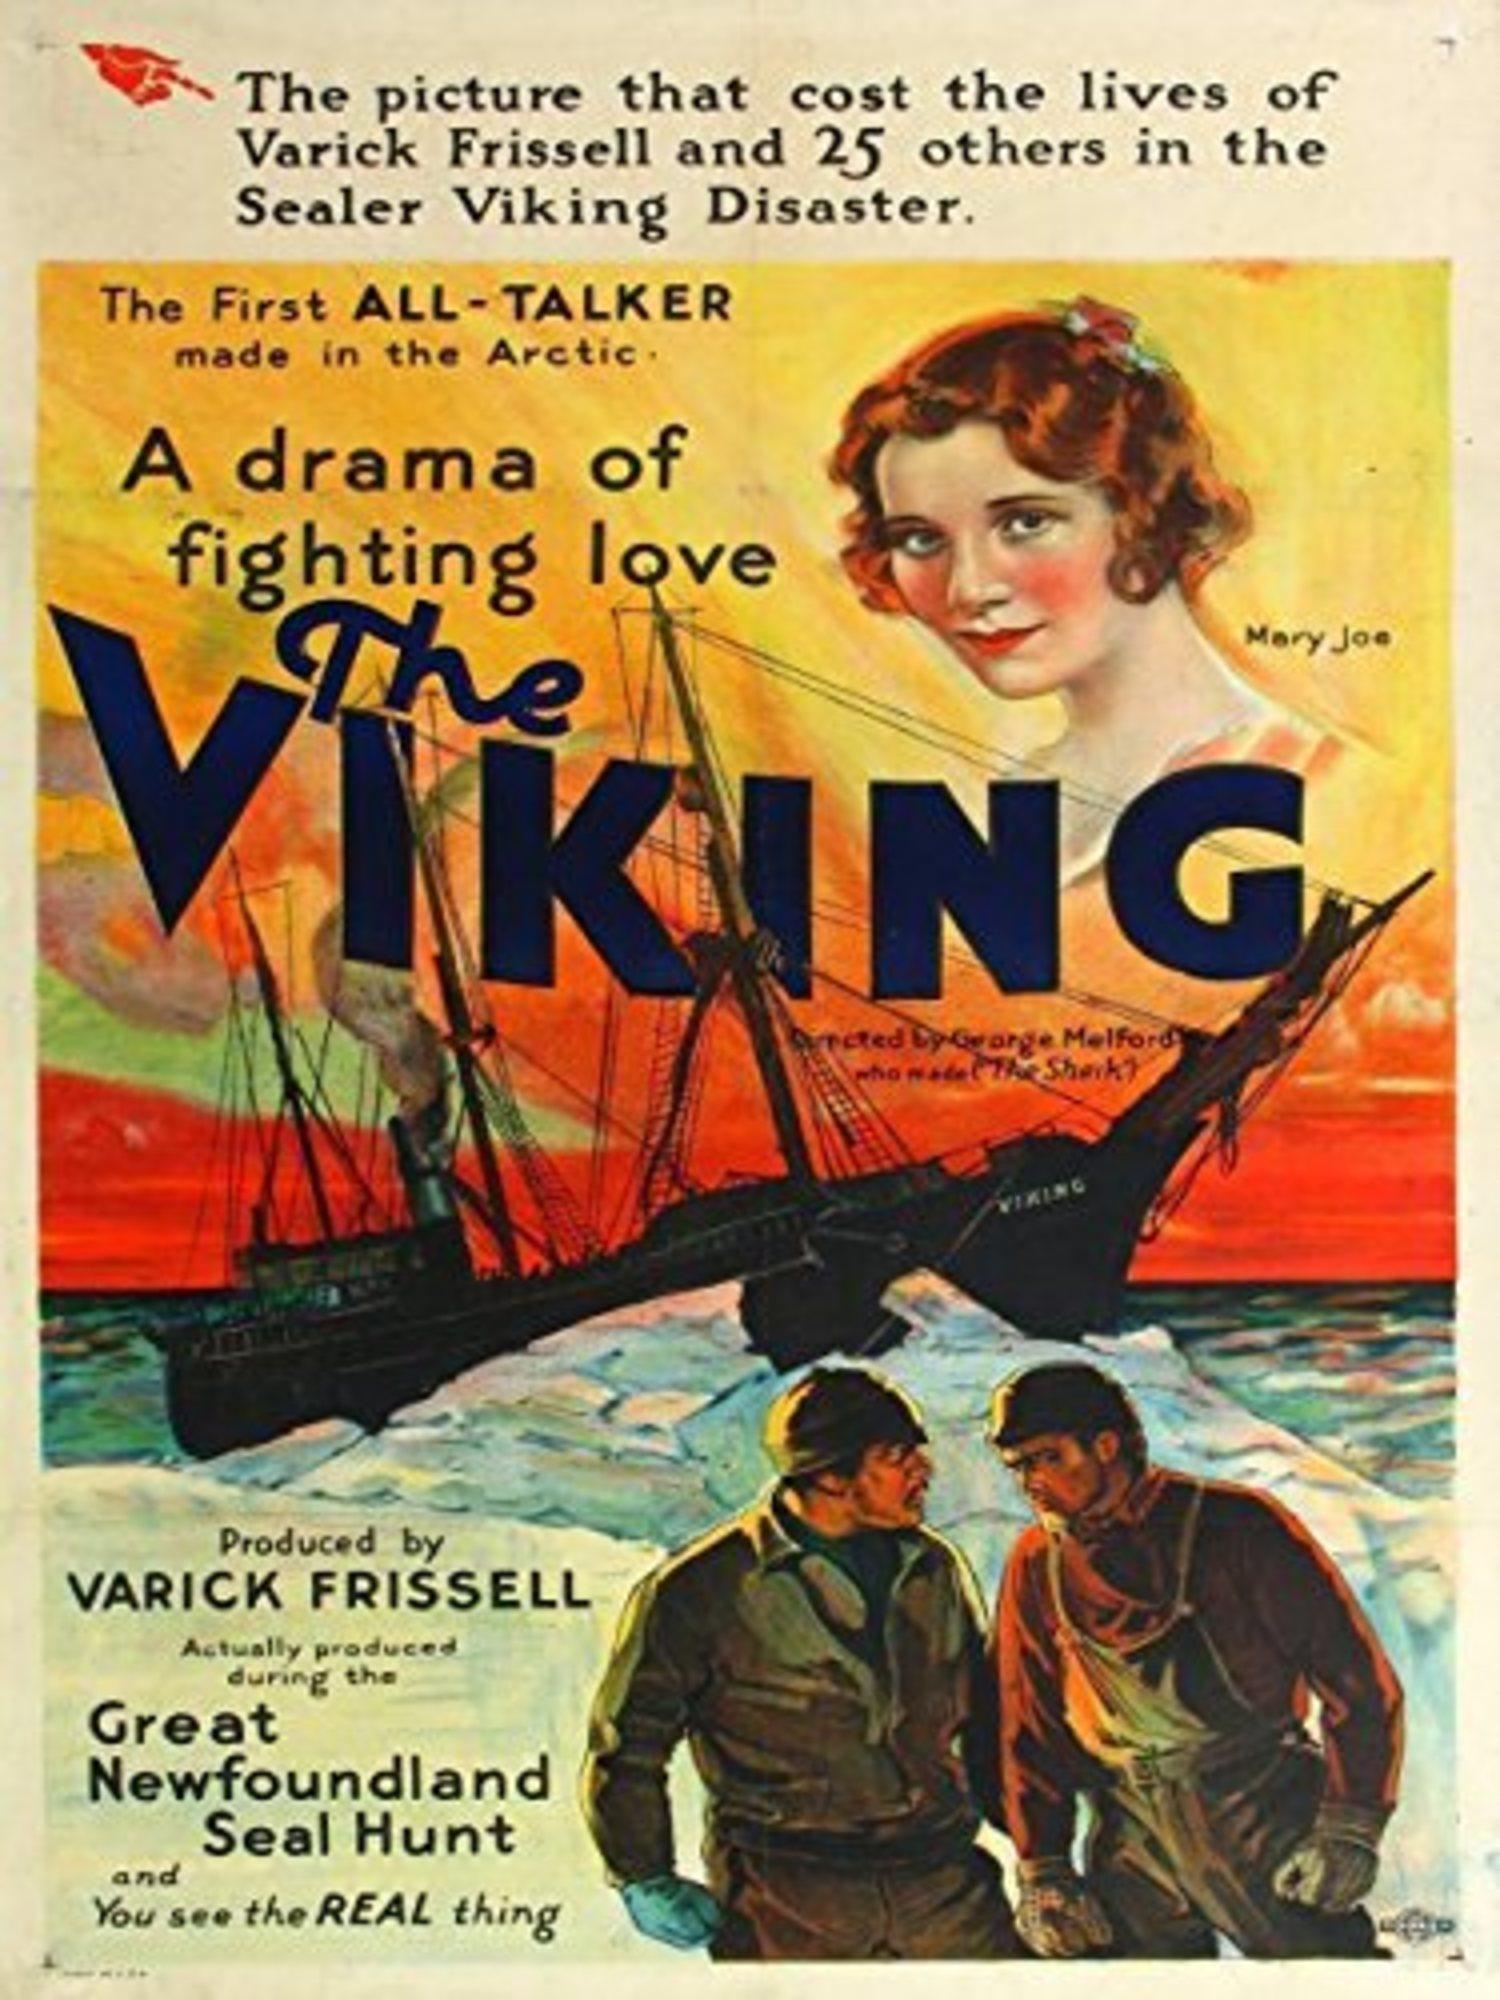 El rodaje de 'The Viking' es uno de los más nefastos de la historia: 27 miembros del equipo murieron tras una explosión mientras grababan unas escenas.